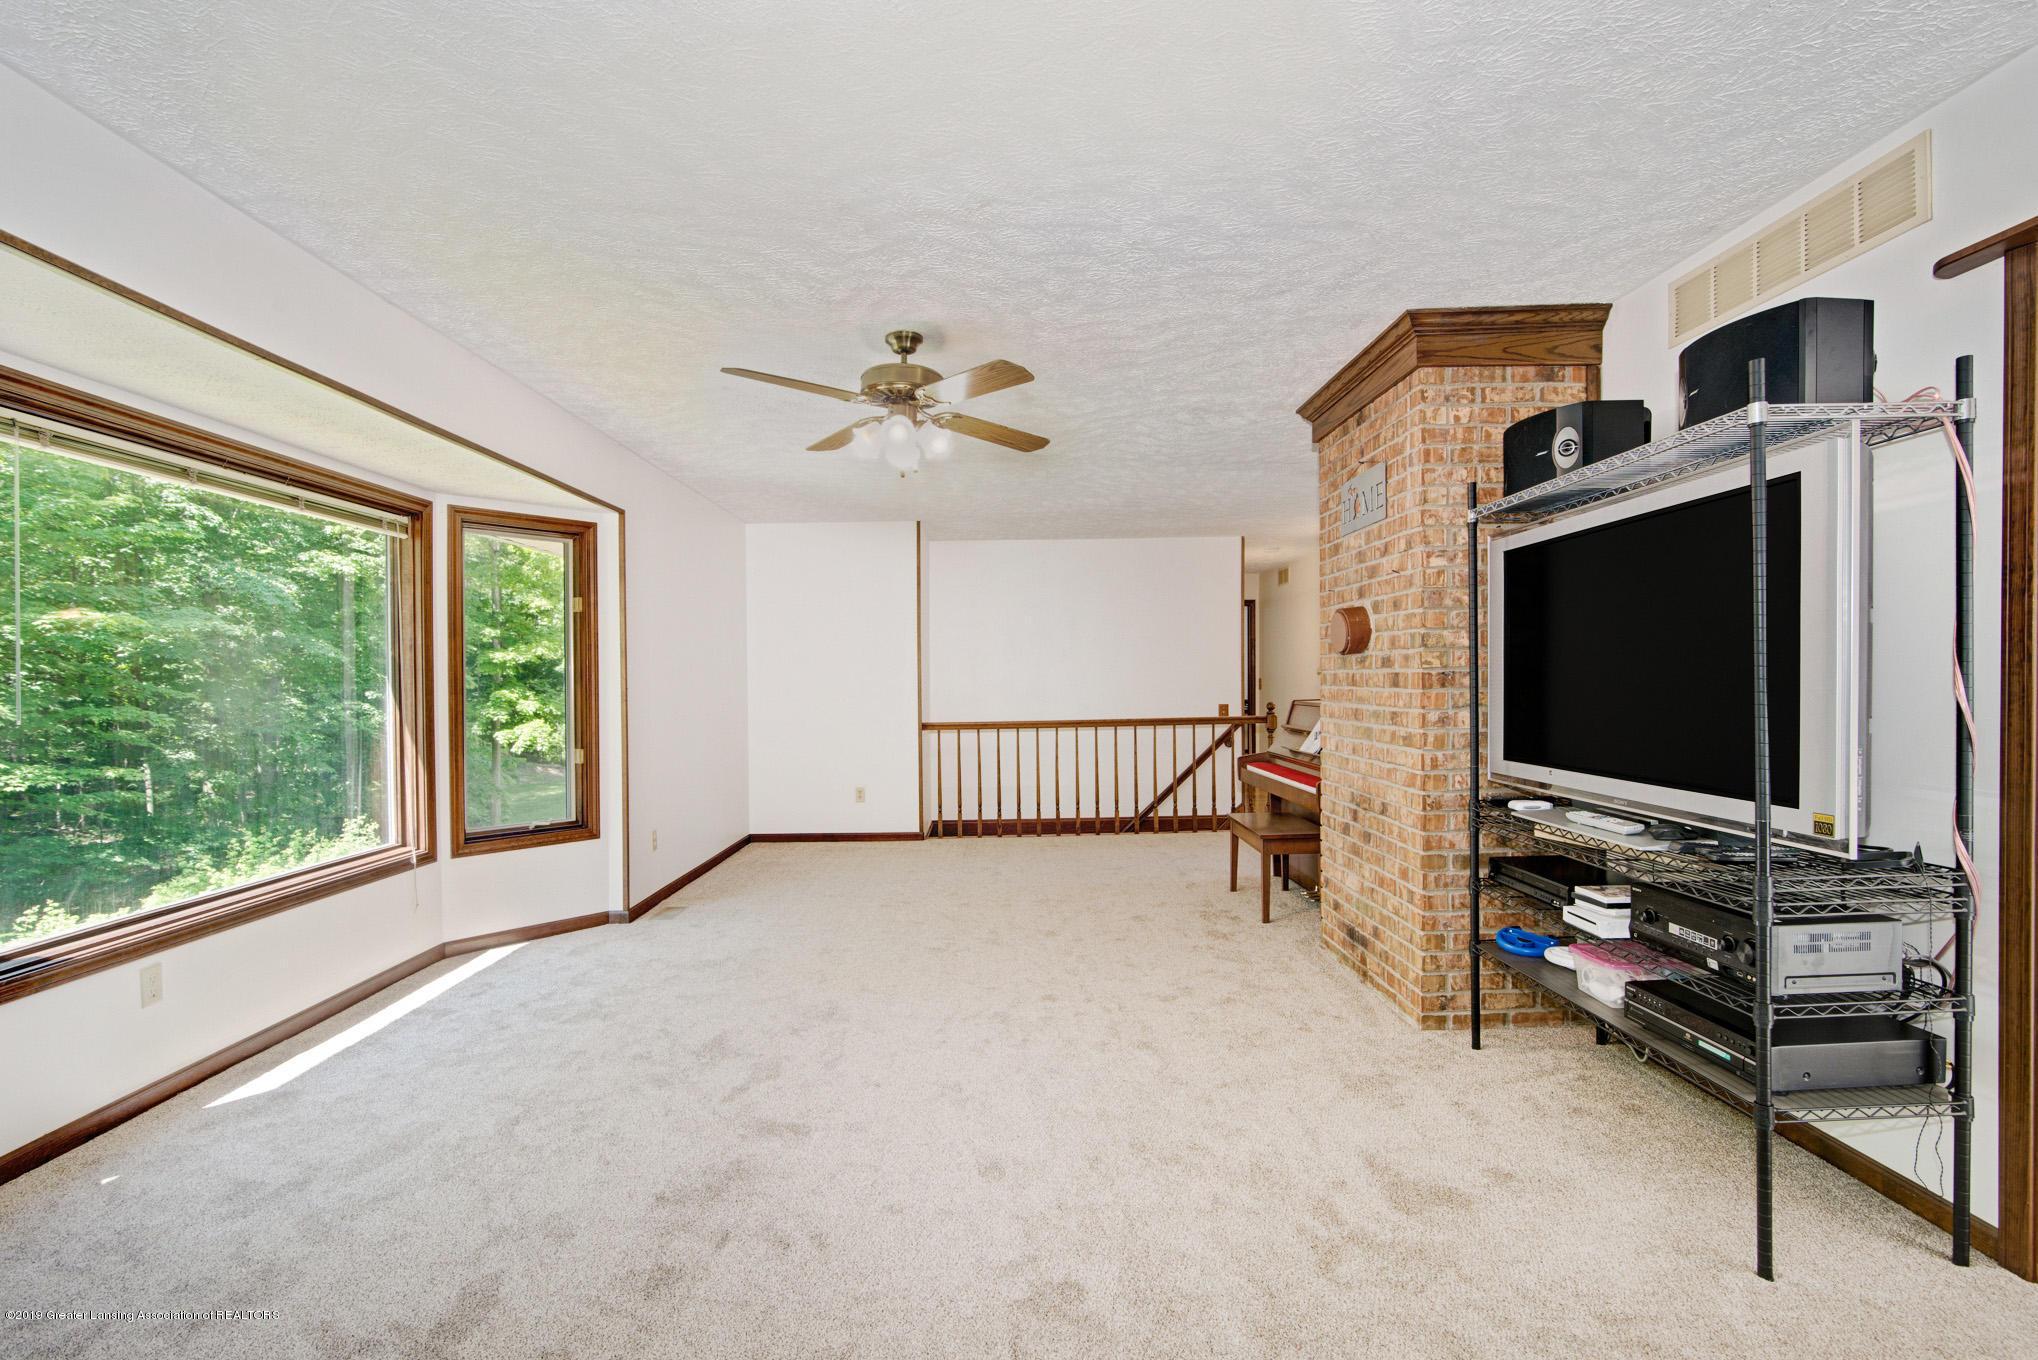 7520 Carmel Ln - Living Room 1 - 12